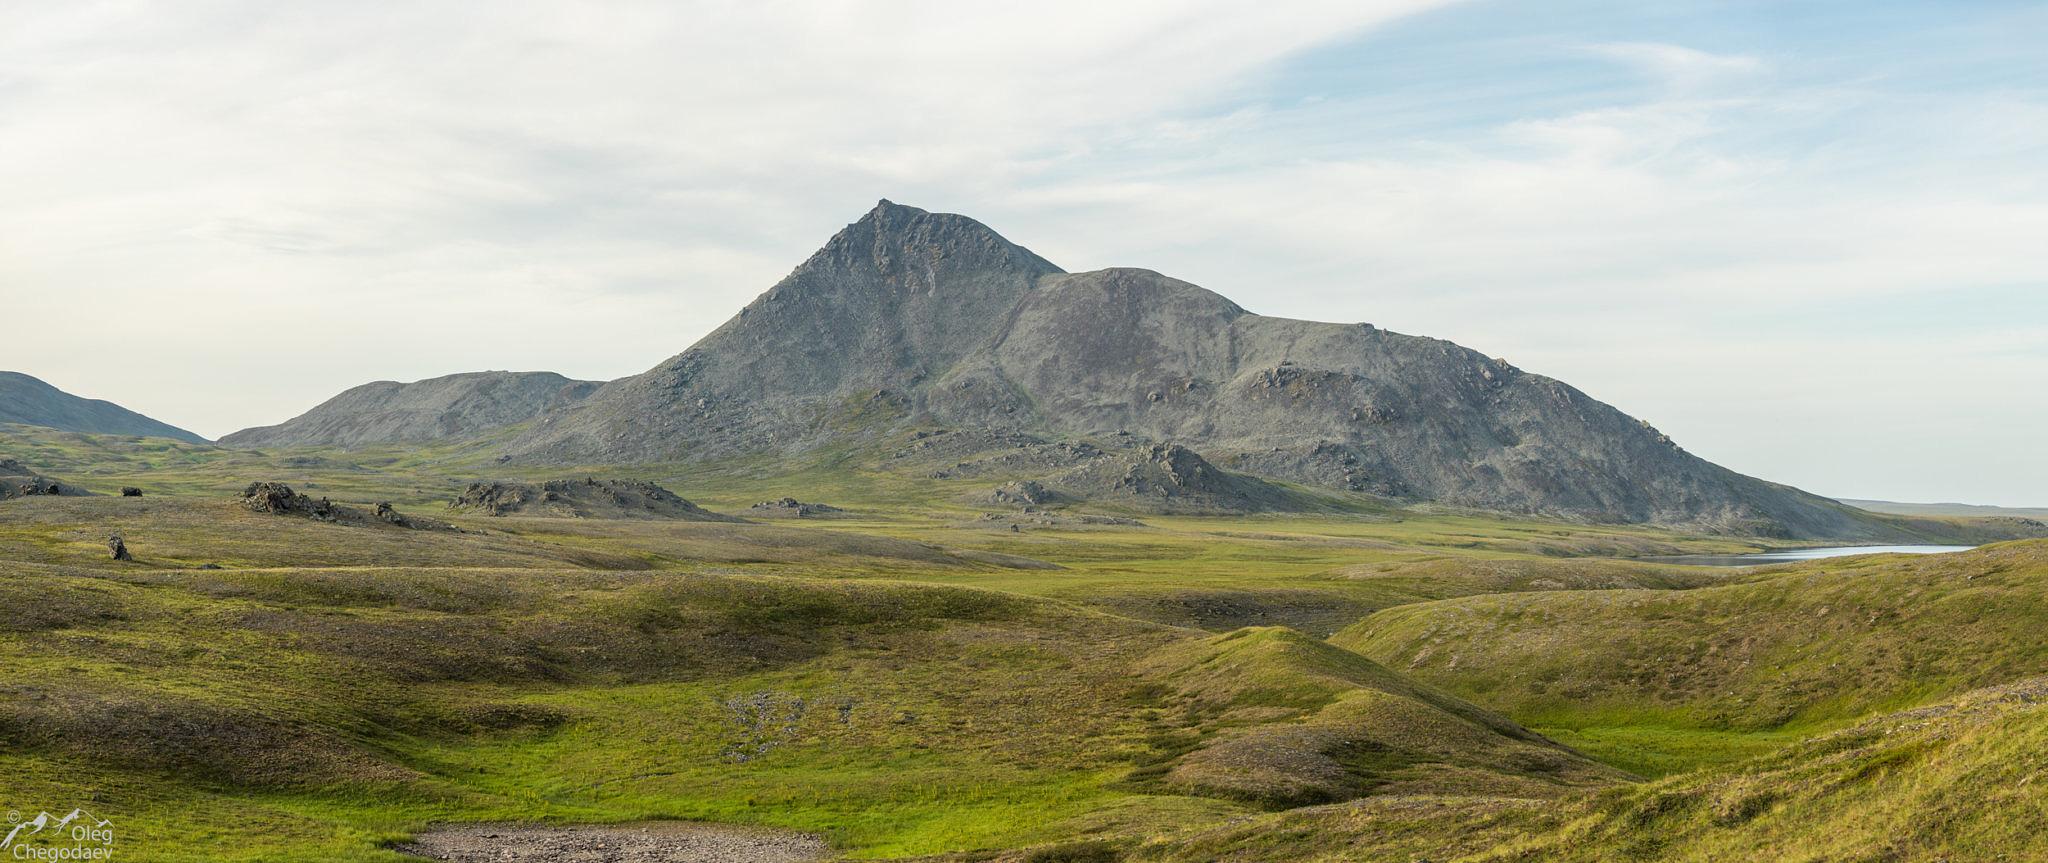 Священная гора Ненцев, Малый Манясей